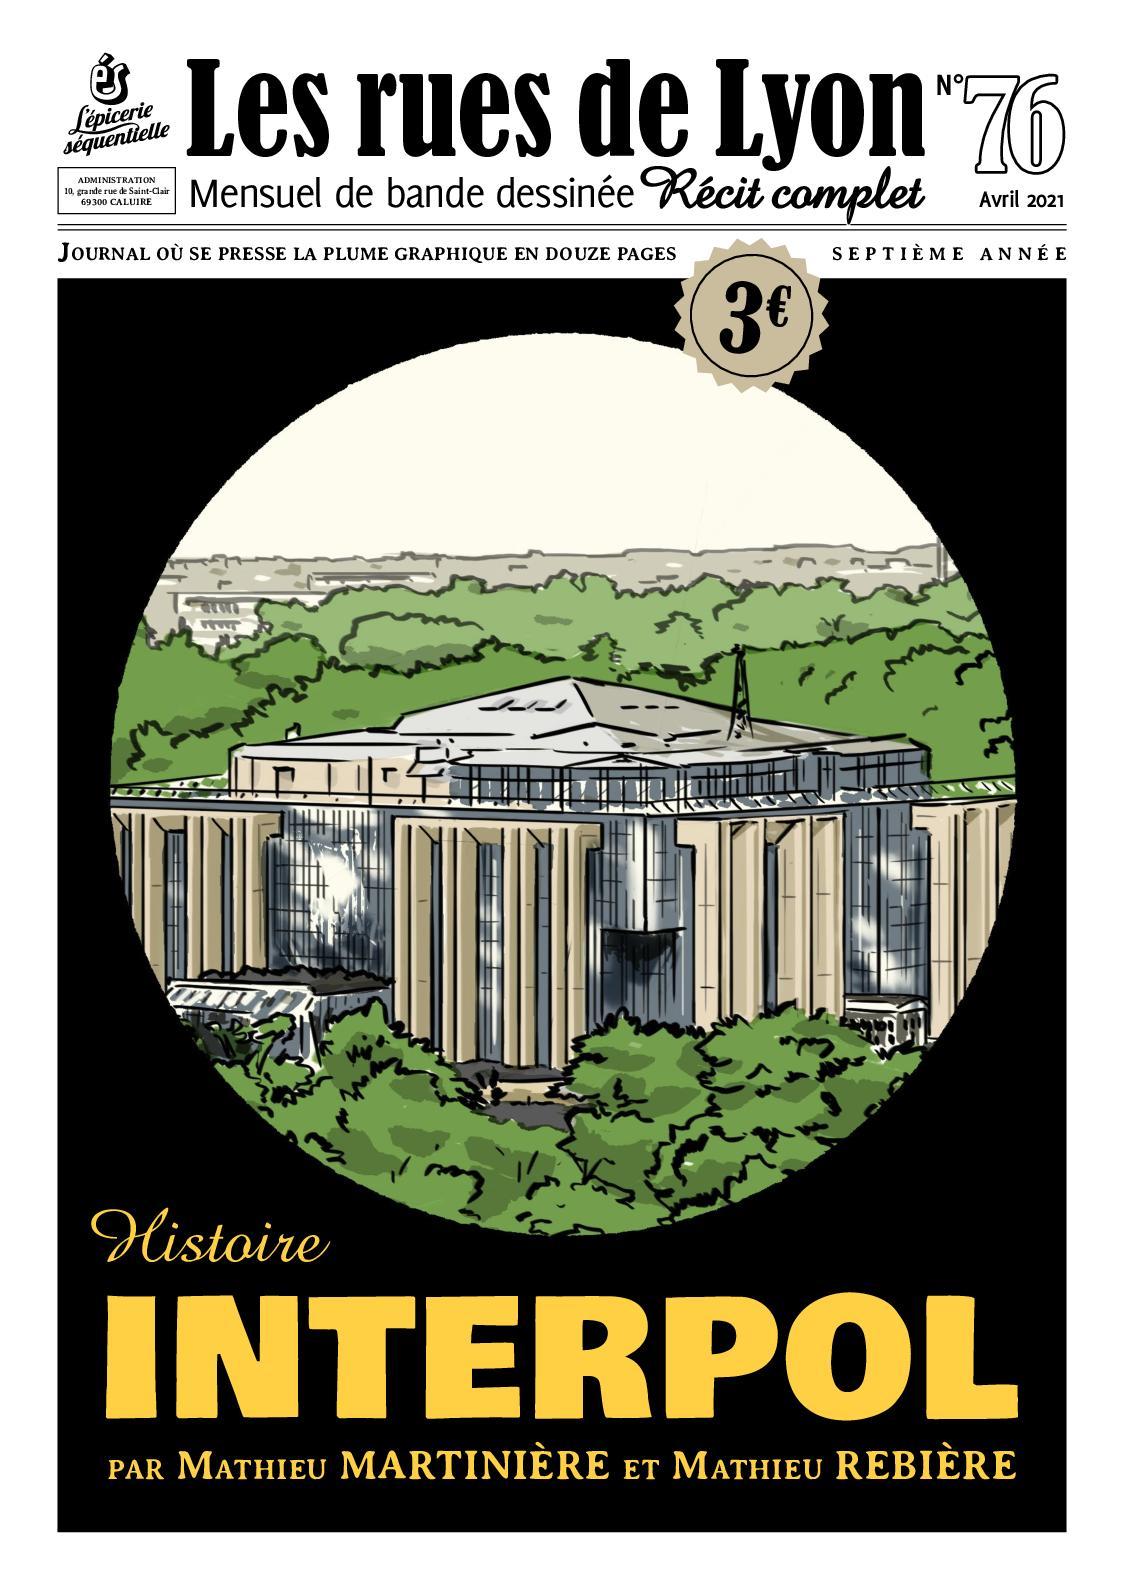 Les Rues de Lyon N°76 Interpol